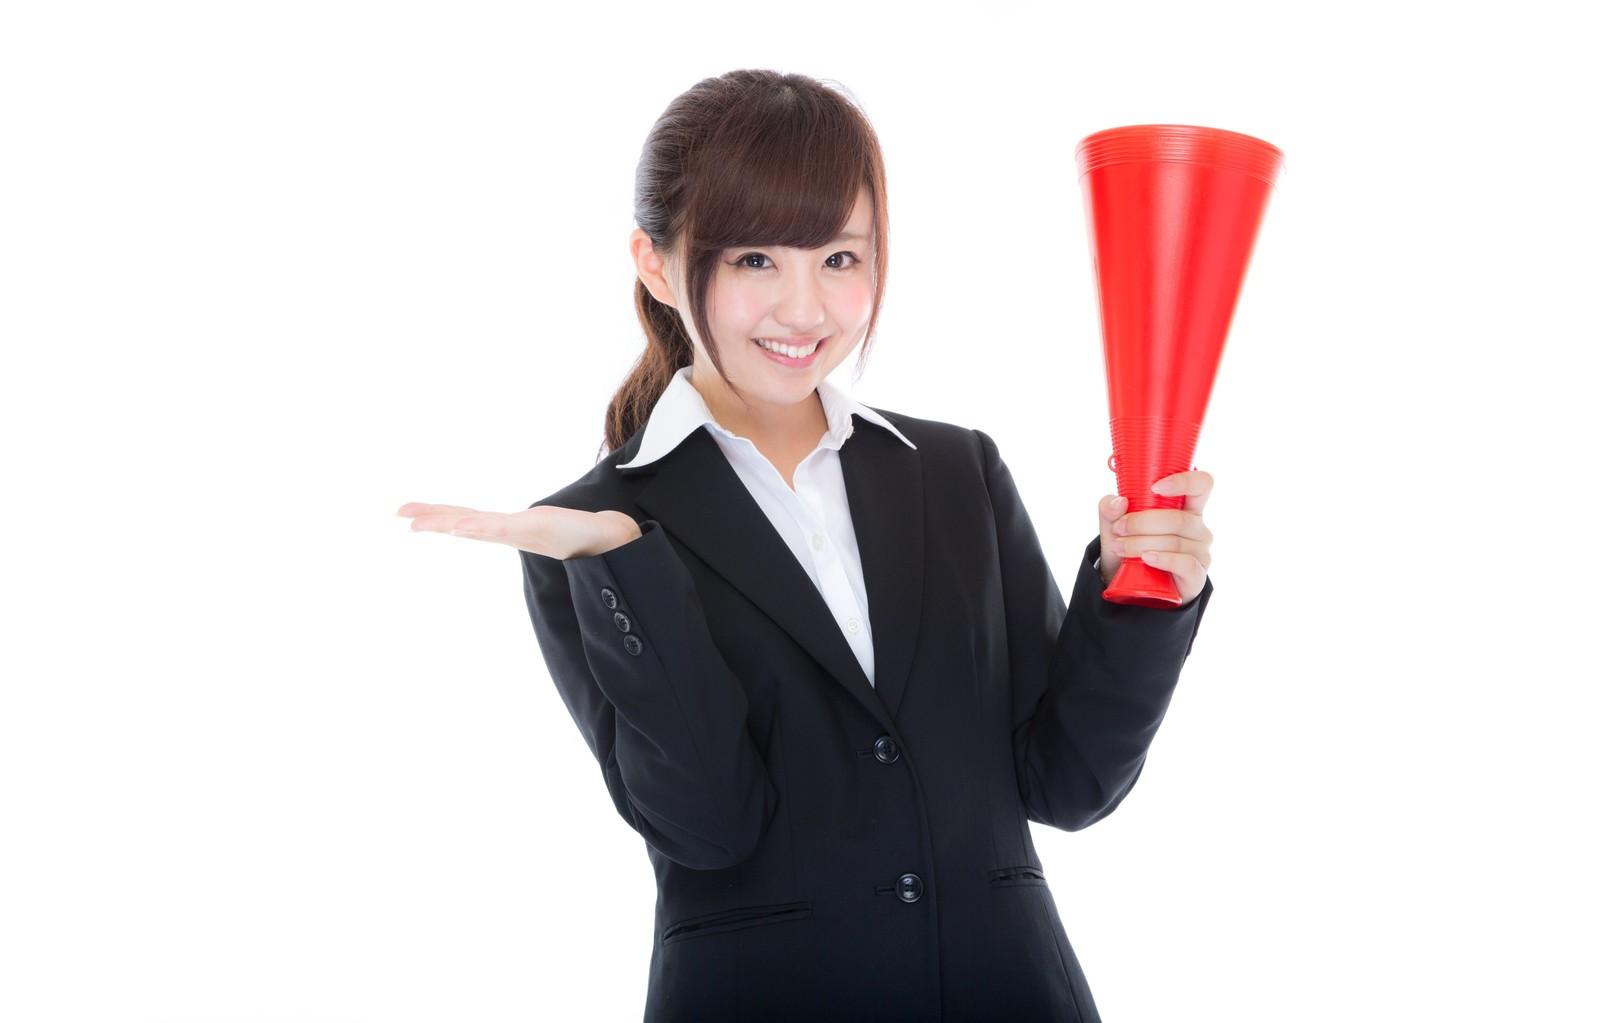 社会保険労務士の勉強法「モチベーション編」